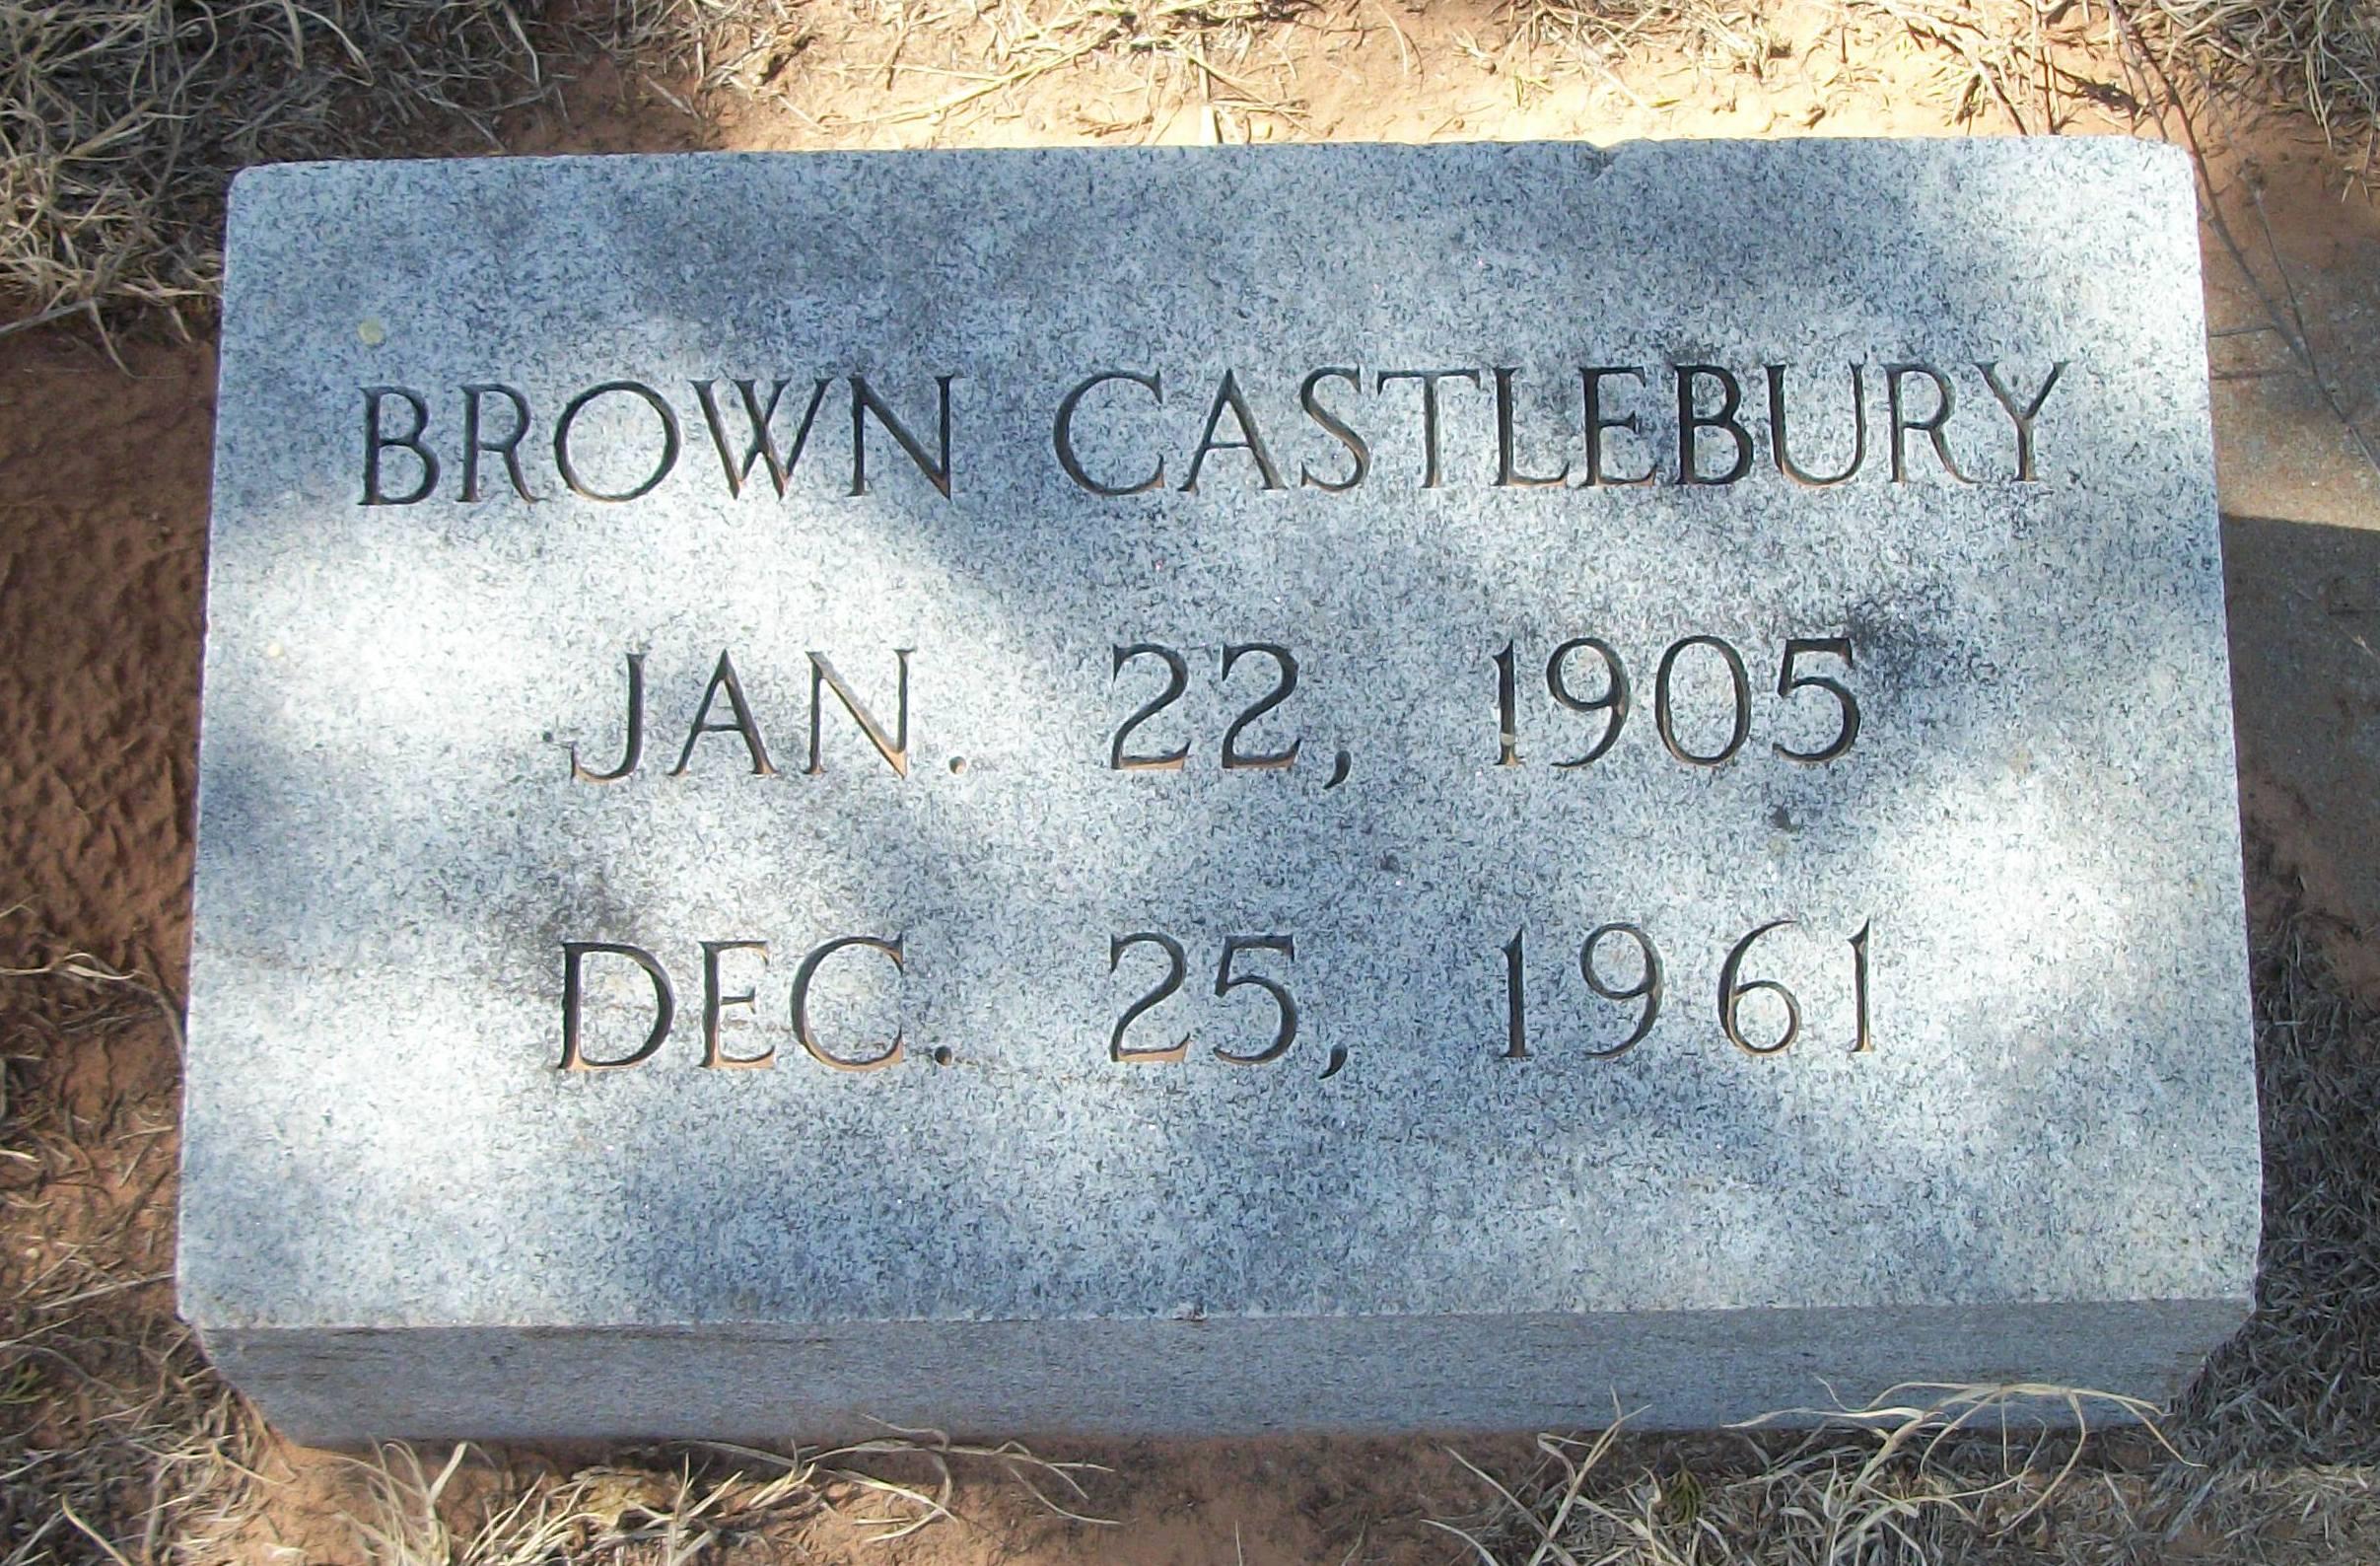 Brown Castlebury